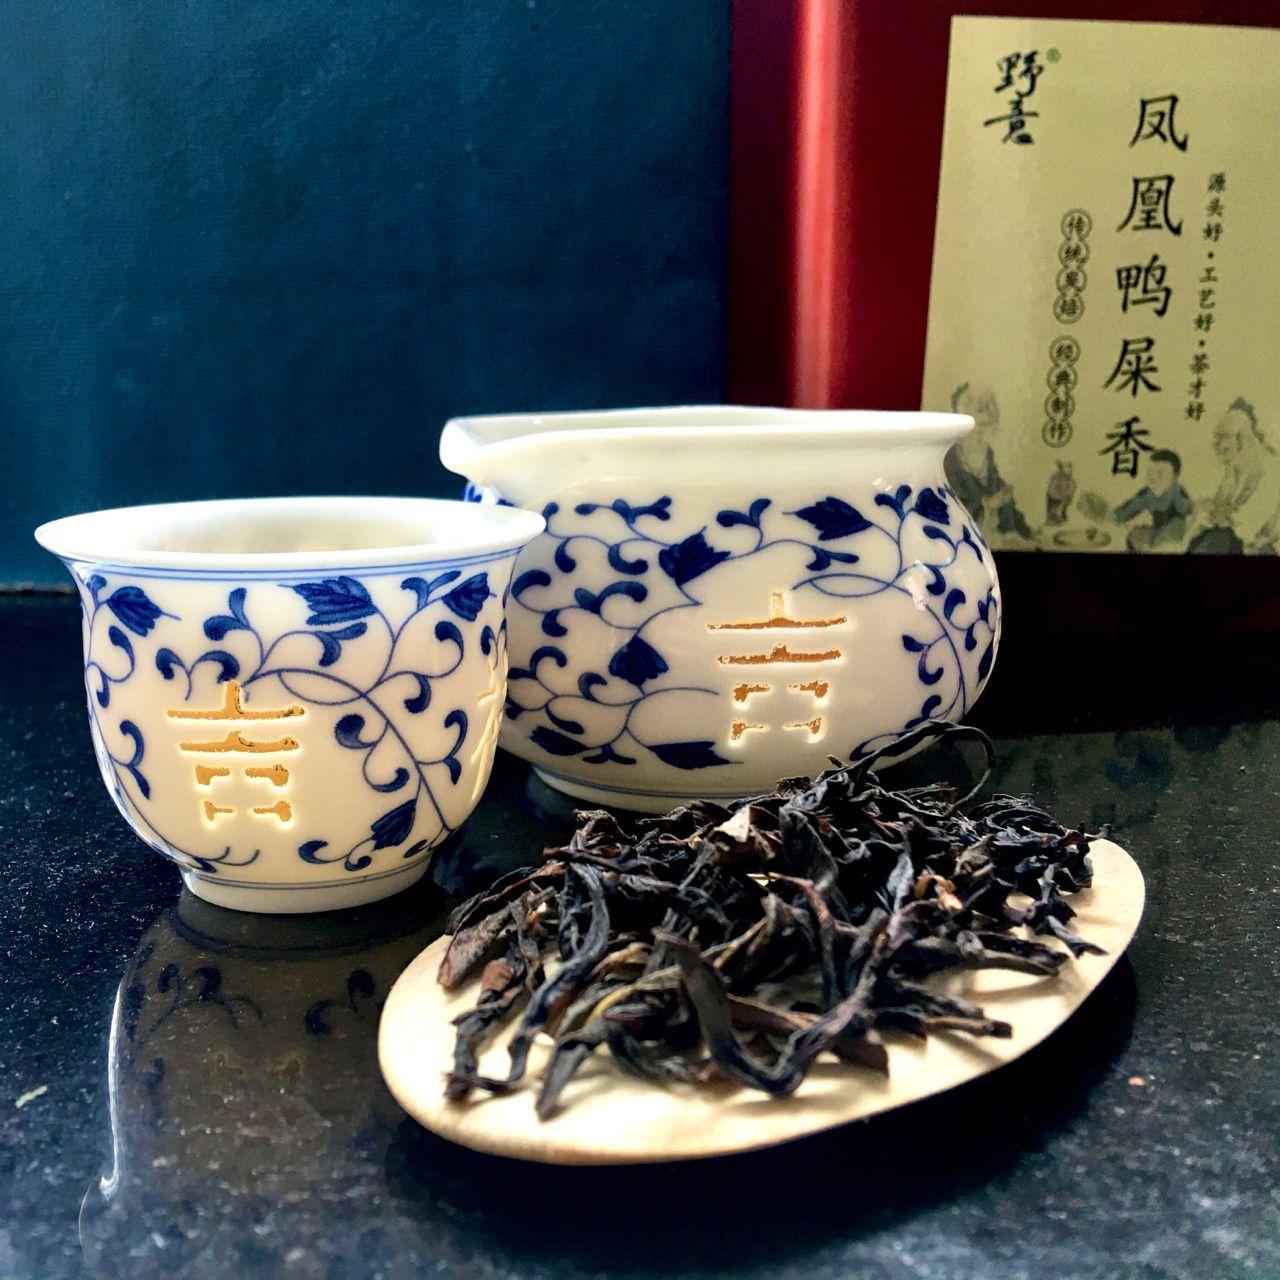 Fèng Huáng Yā ShǐXiāng Wū Lóng Chá, 凤凰鸭屎香乌龙茶, Phoenix Duck Shit Fragrance Oolong Tea